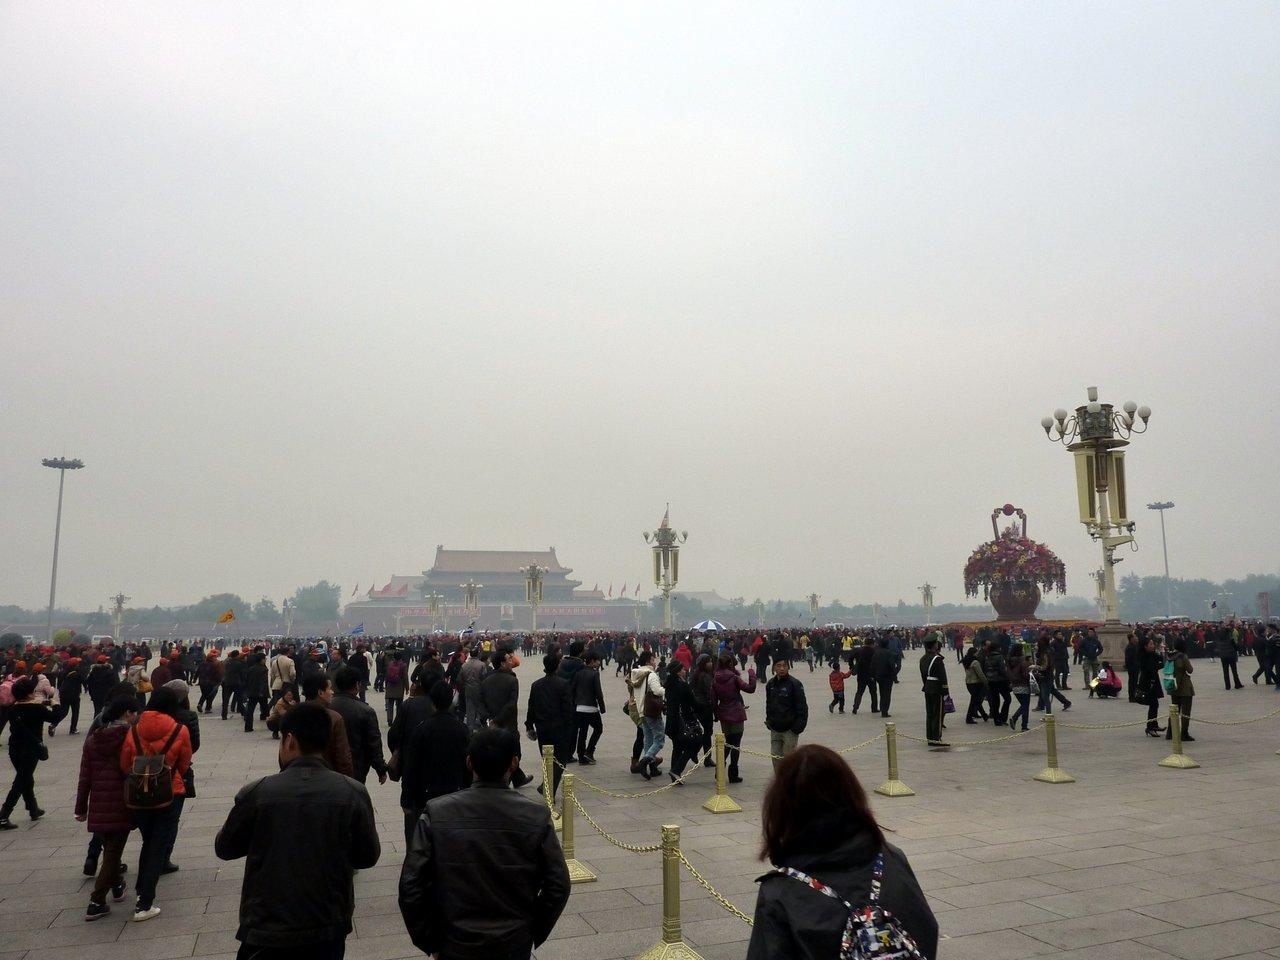 itinerario di quatto settimane in cina: Piazza Tienanmen